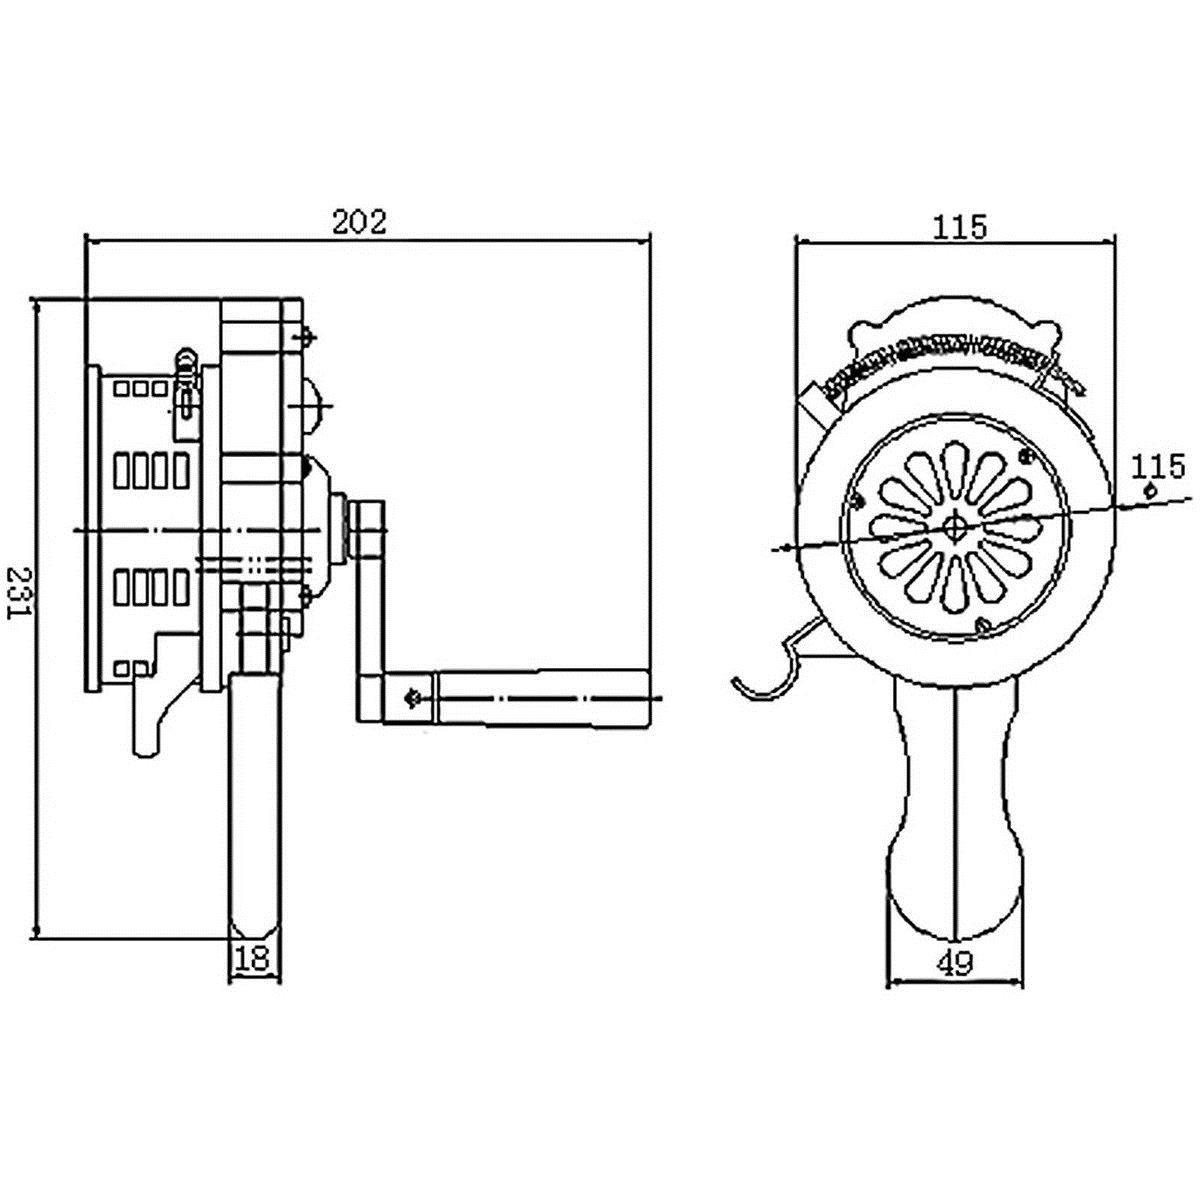 handheld ruidoso de mano de manivela manual operado air